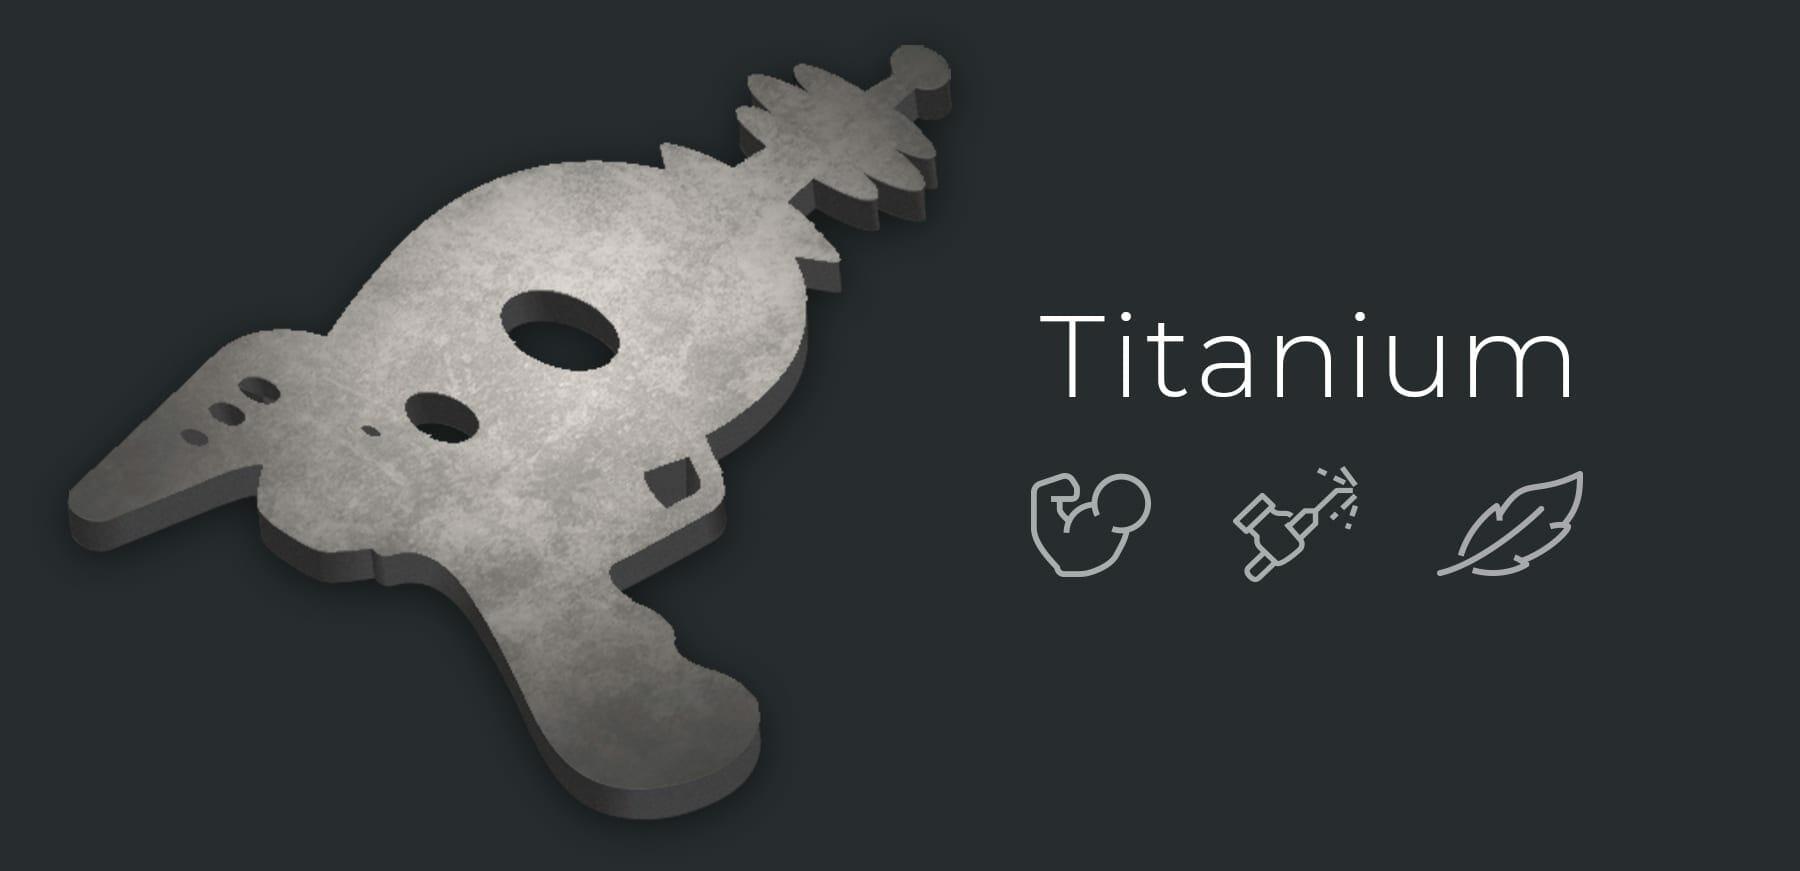 titanium@1,5x